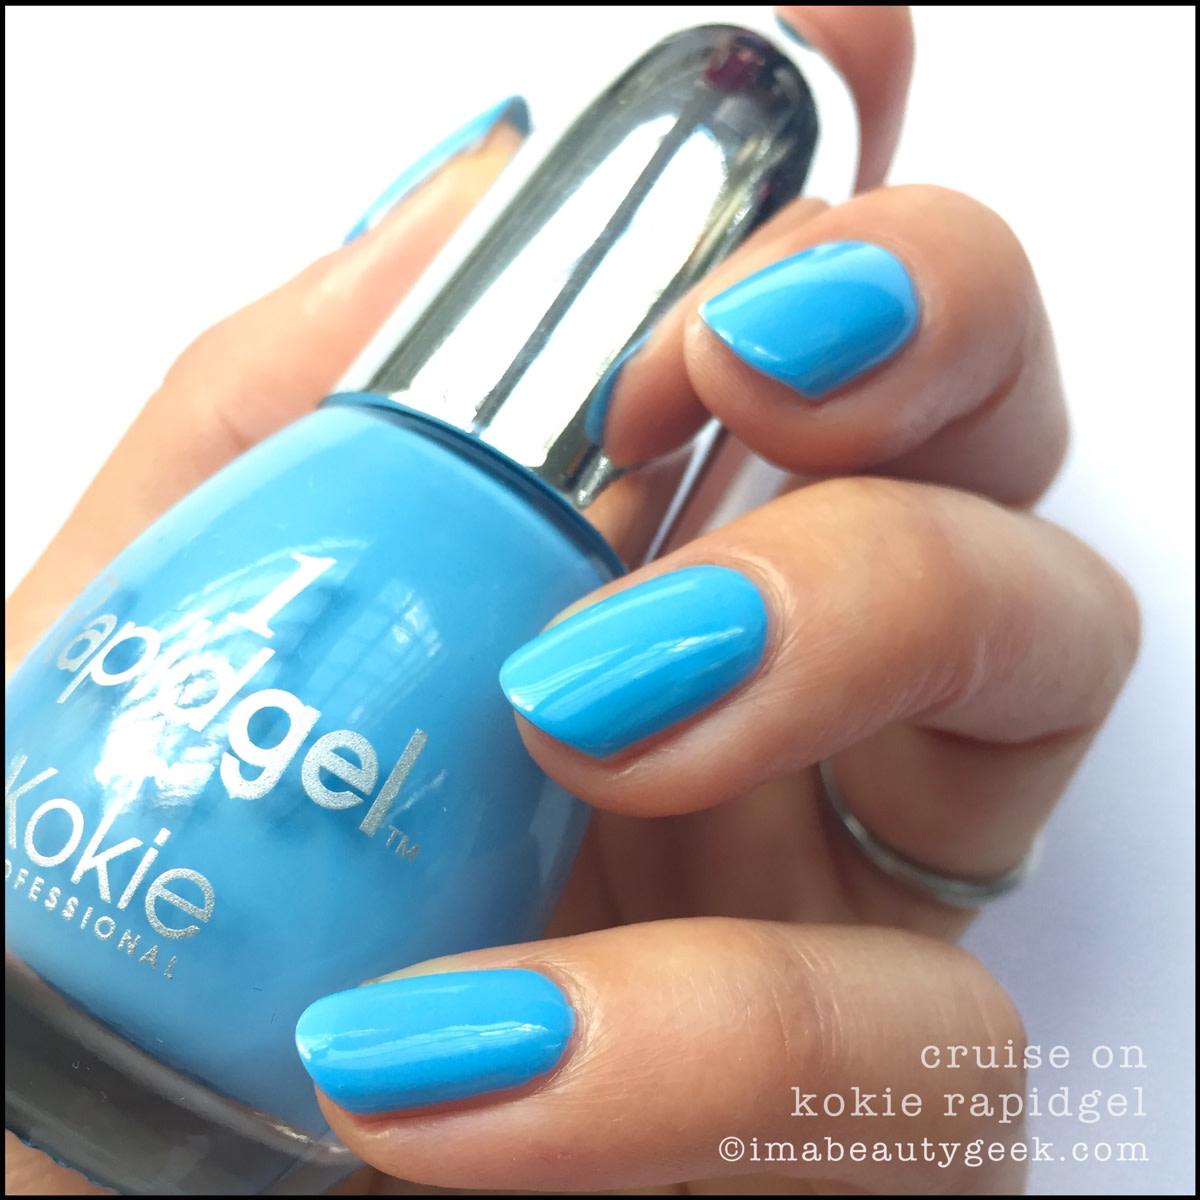 Kokie Cruise On Rapidgel Nail Polish_Kokie Professional Nail Swatches Review 2016